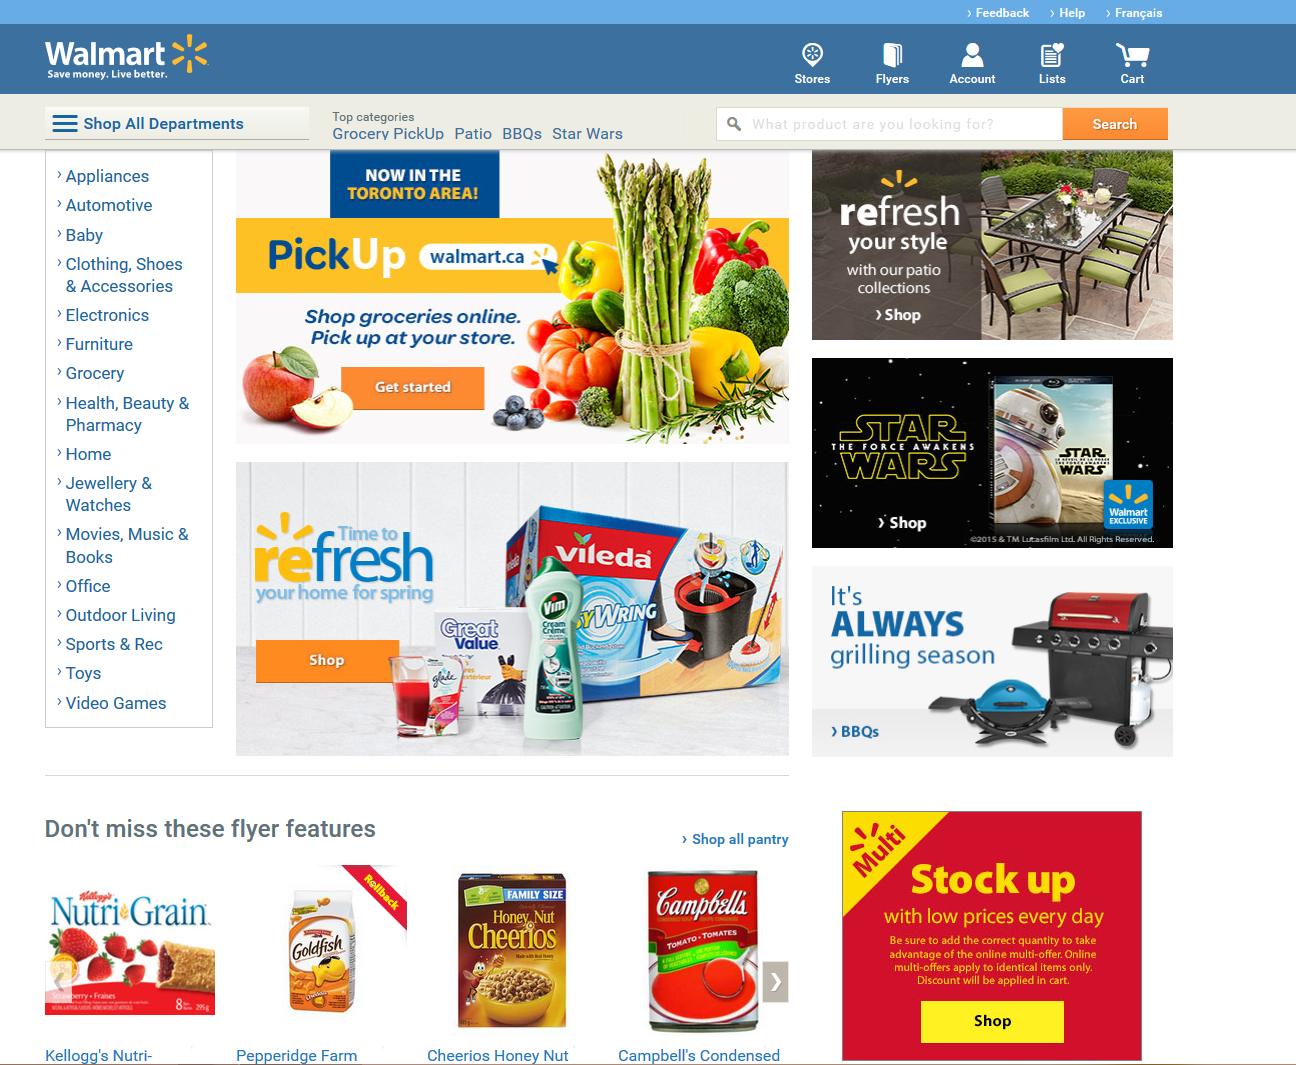 желтый шрифт на красном фоне увеличивают конверсию сайта